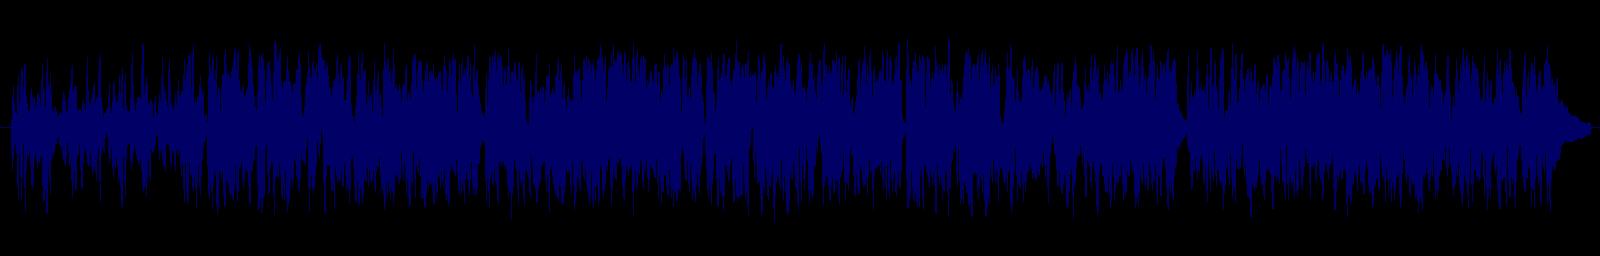 waveform of track #148424